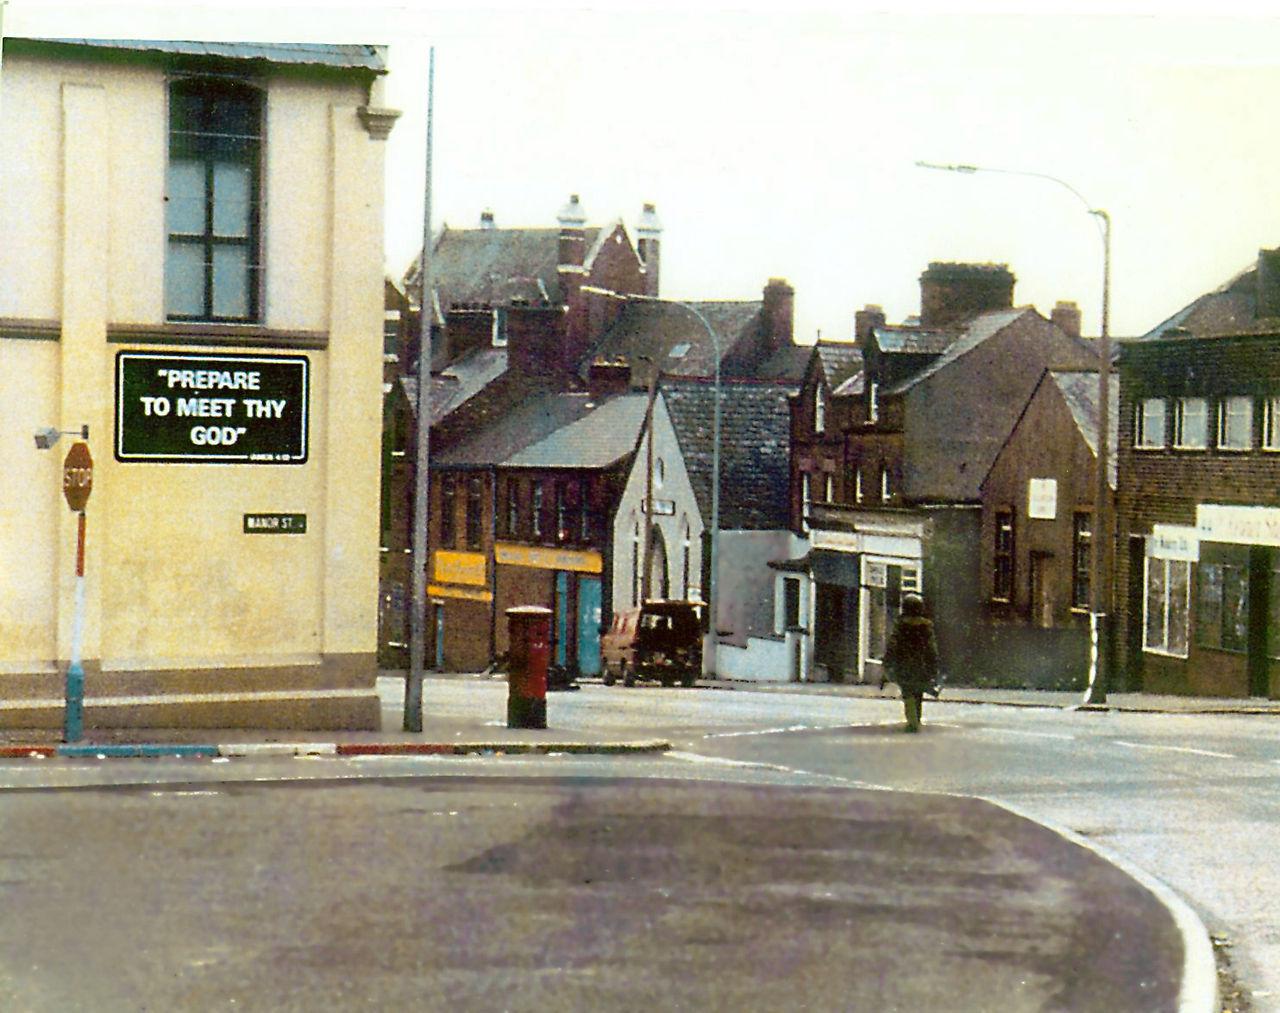 Prepare to meet thy god northern ireland 1970 history prepare to meet thy god northern ireland 1970 history fandeluxe Gallery